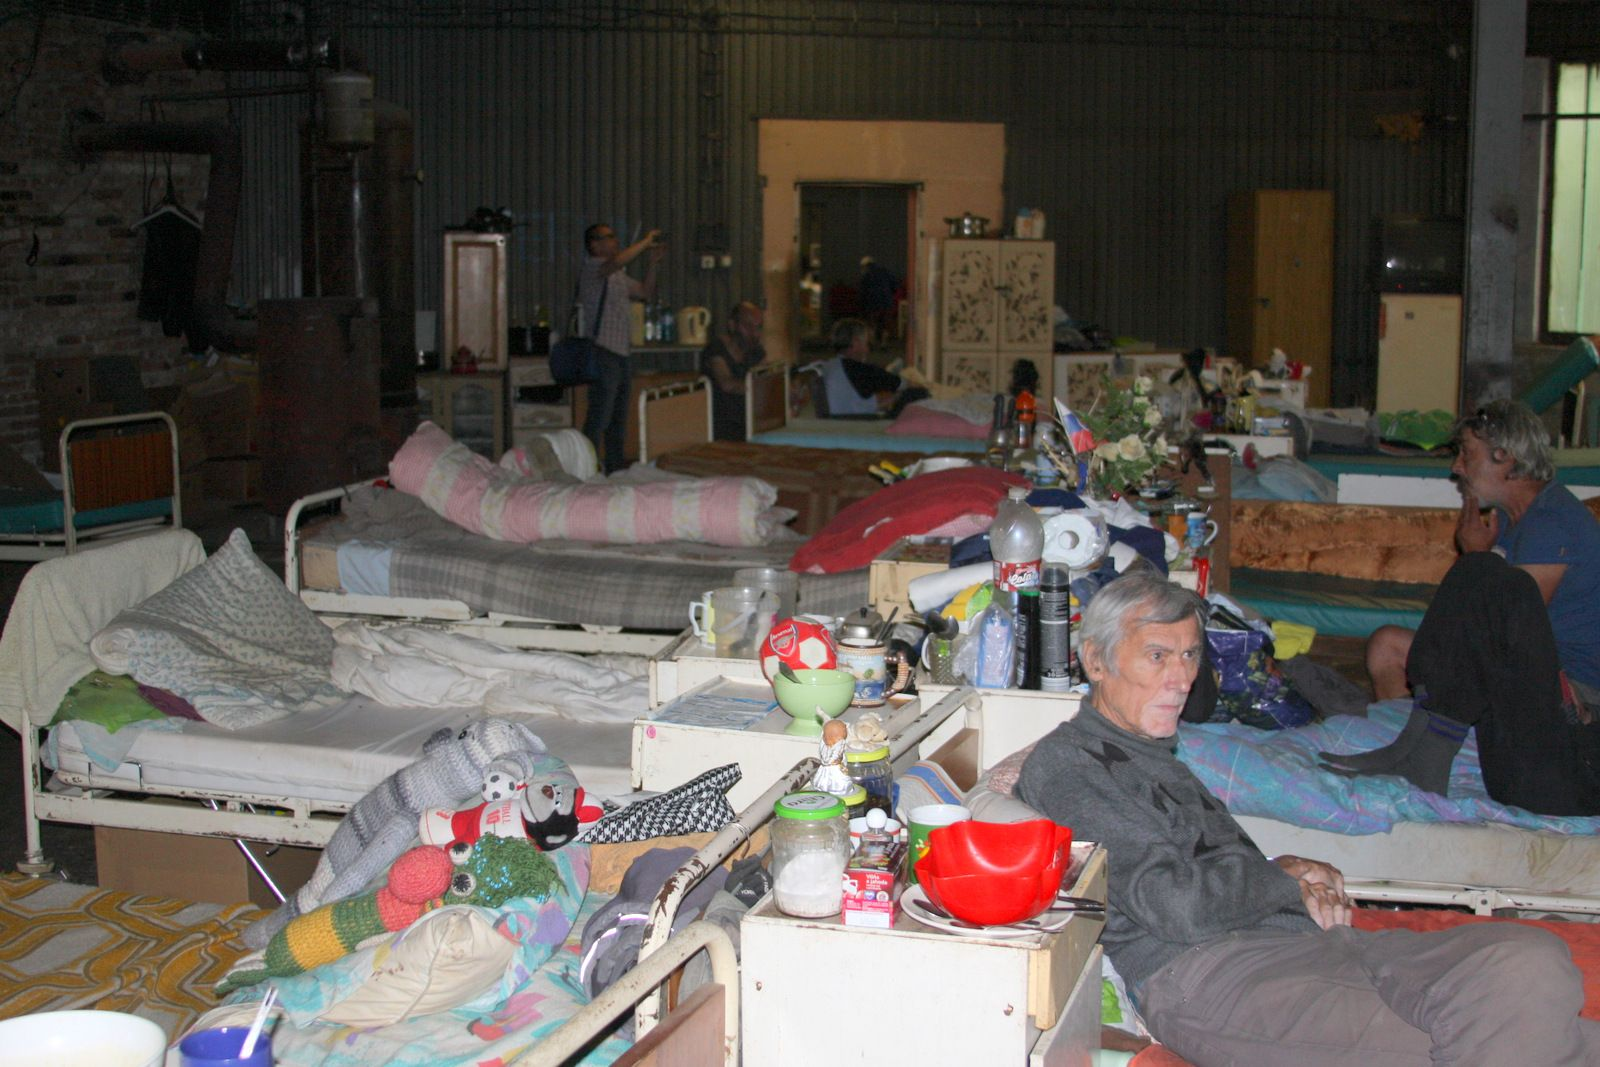 Hangár - najväčšia miestnosť pre bezdomovcov  ľudí z ulice v oáze Petra Gombitu